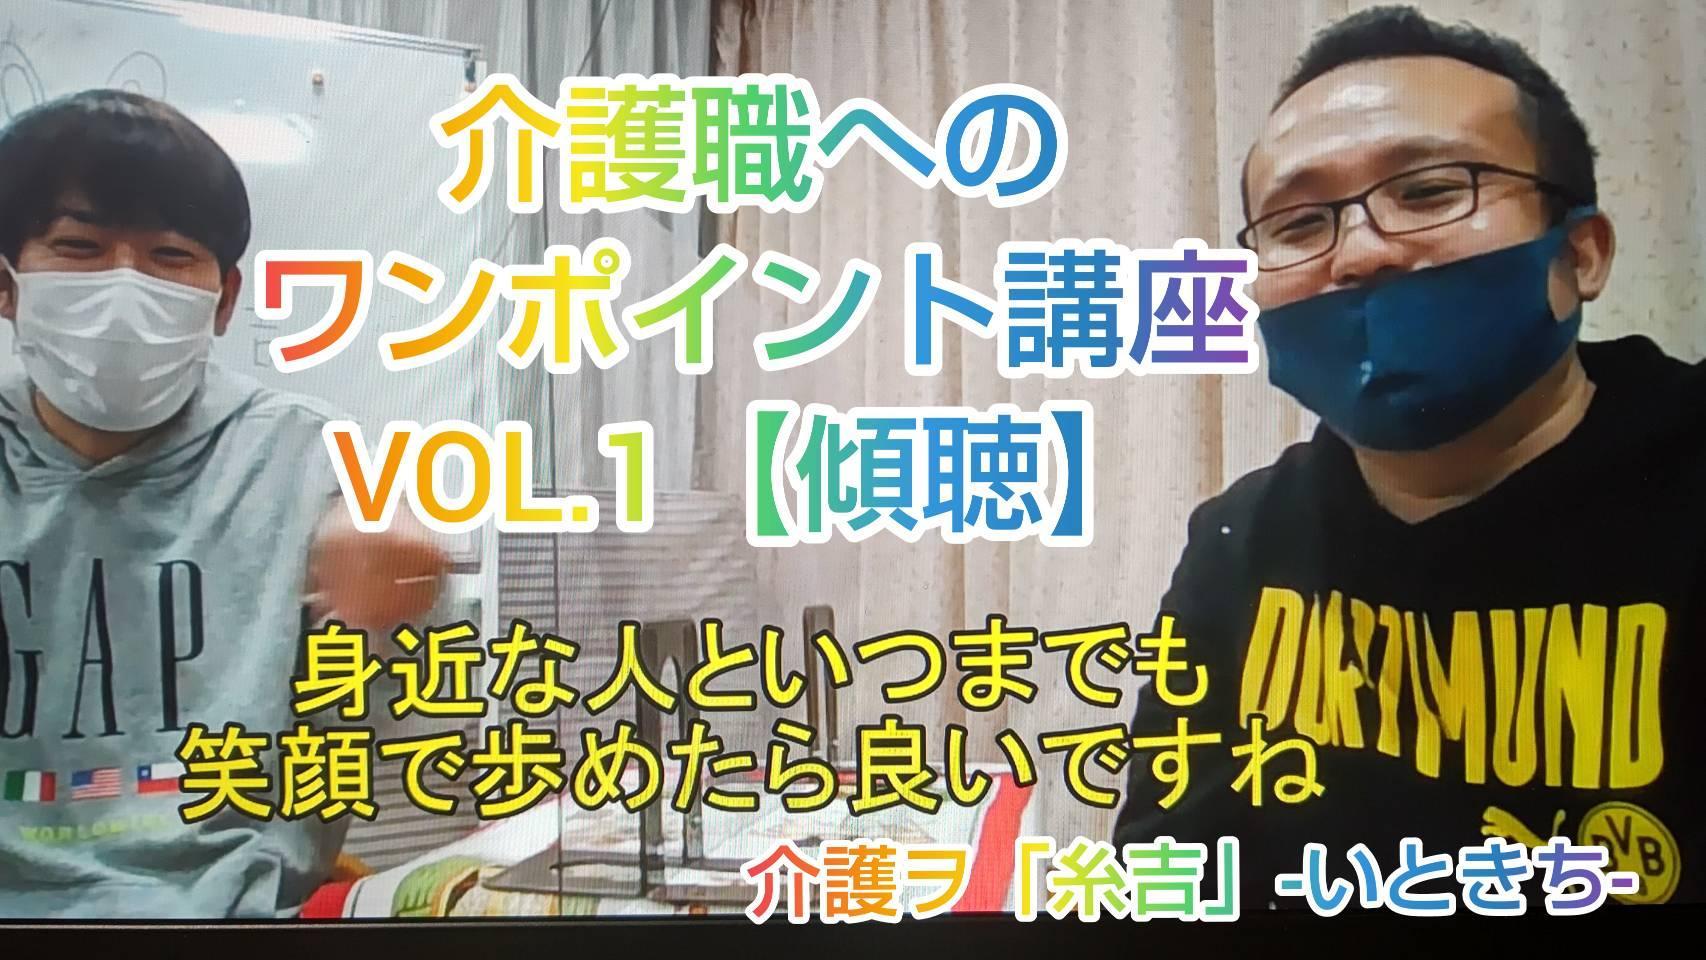 介護ヲ糸吉チャンネル ワンポイント講座